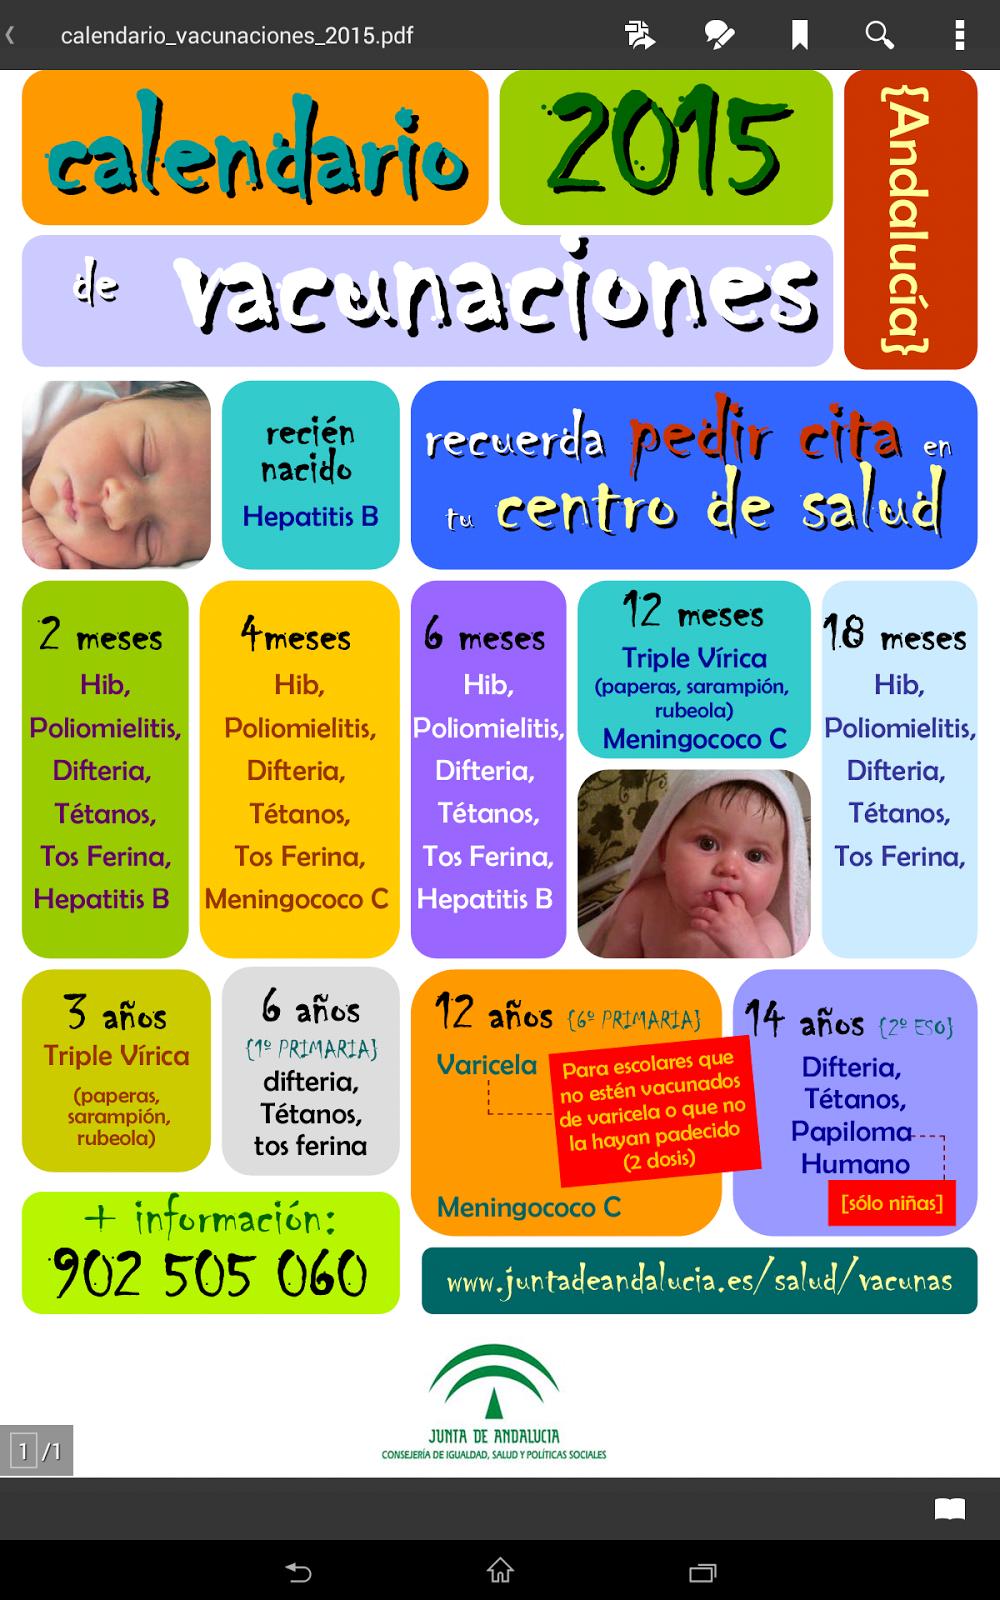 Calendario Vacunas 2020 Andalucia.Xaudar Salud Calendario Vacunacion 2015 Andalucia